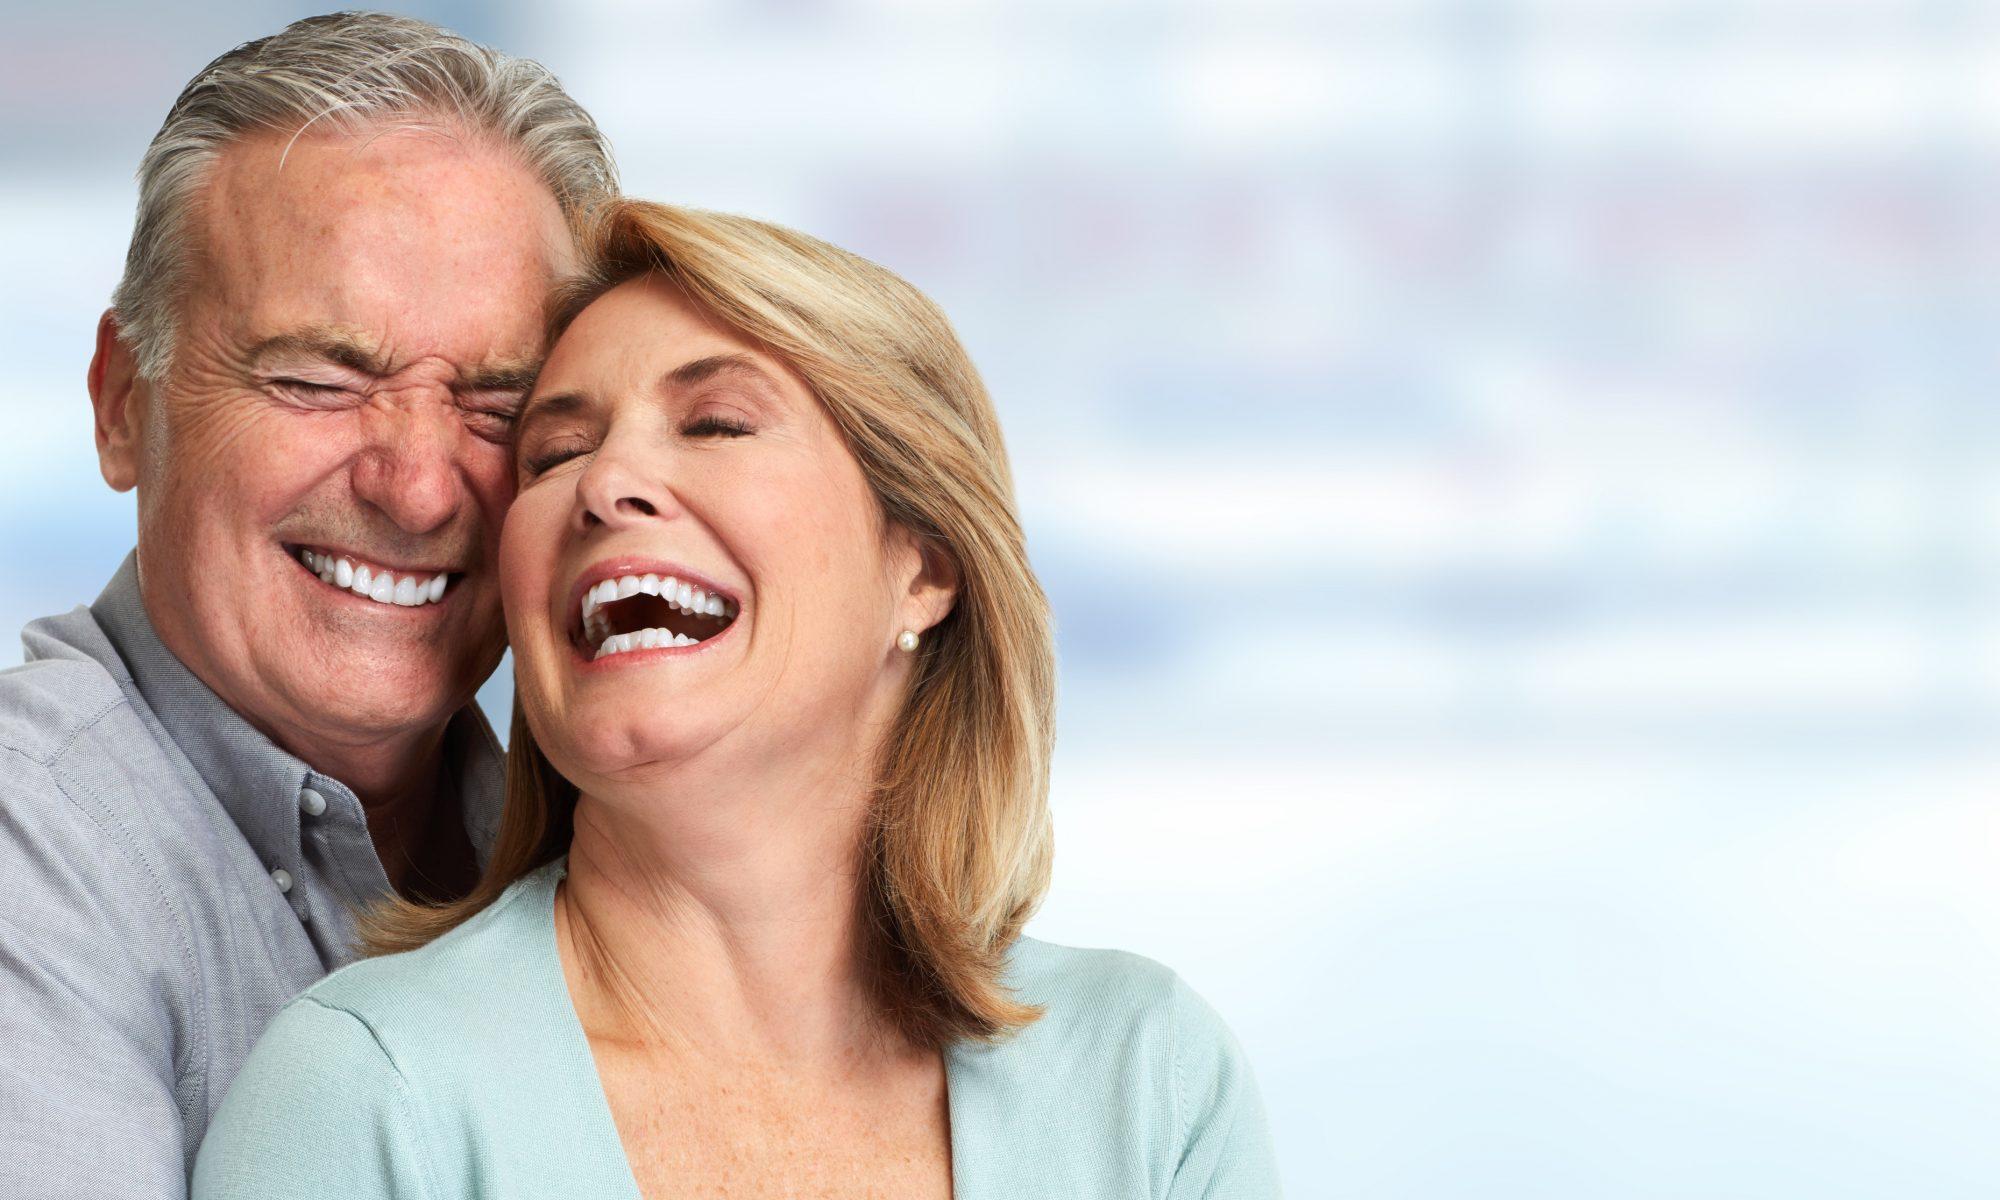 Früöhlich lachendes Paar der Generation 50 plus